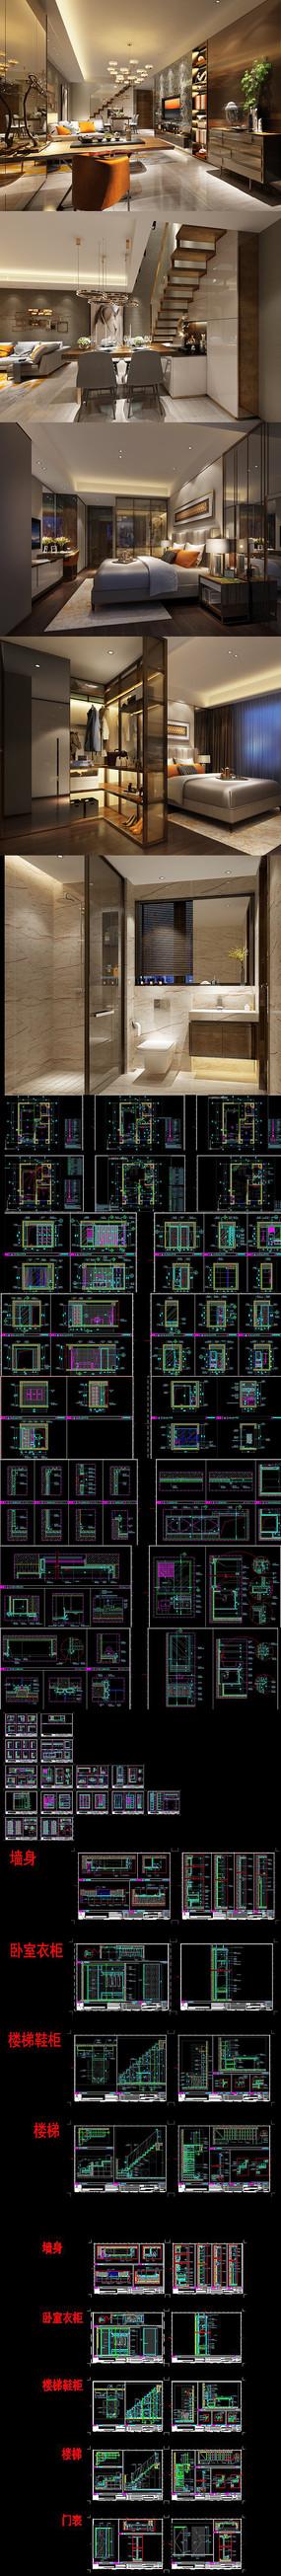 全套新中式家装CAD施工图 效果图